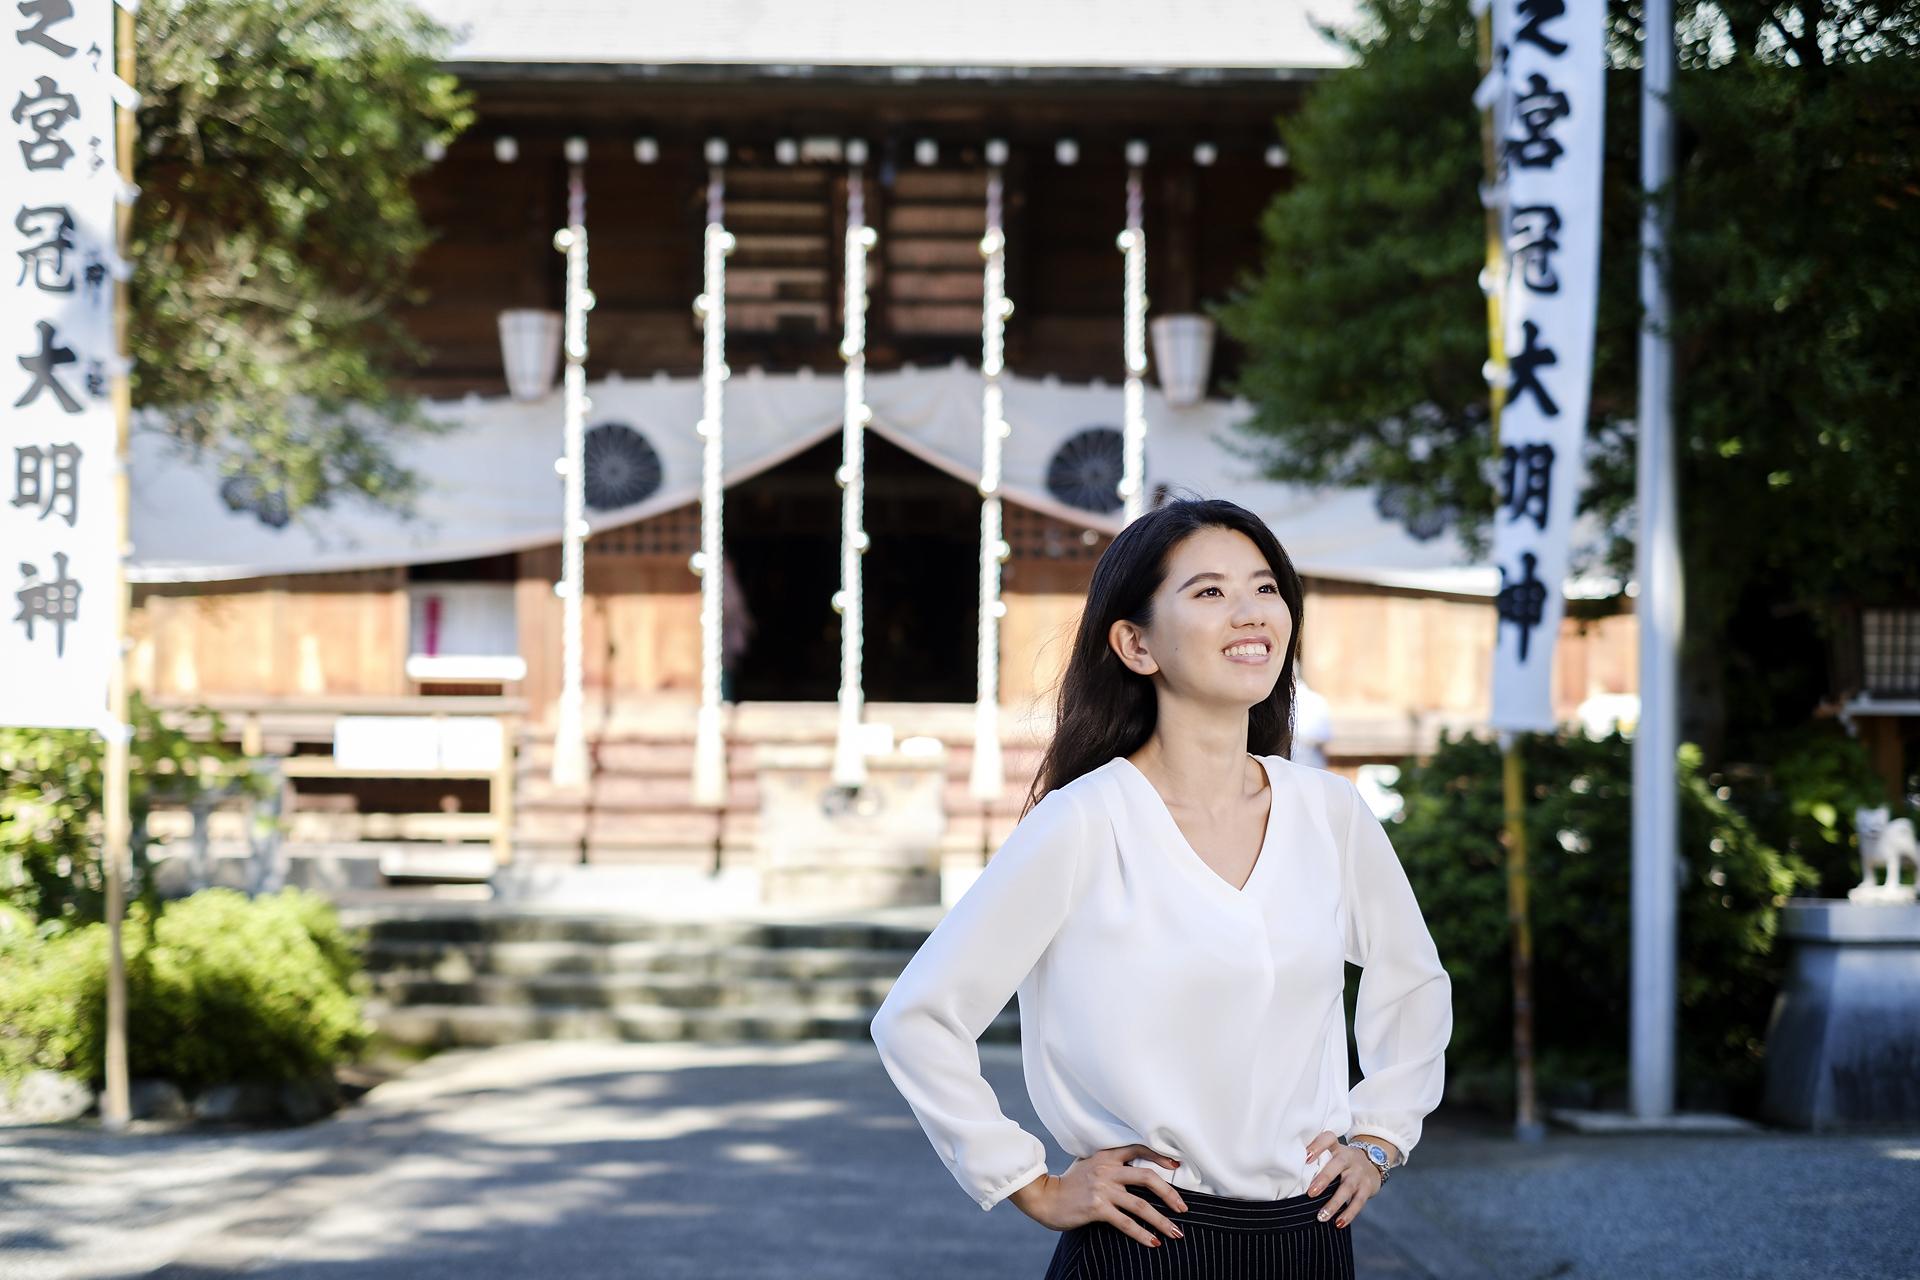 180917-Atsugi-Shinohara-039-1